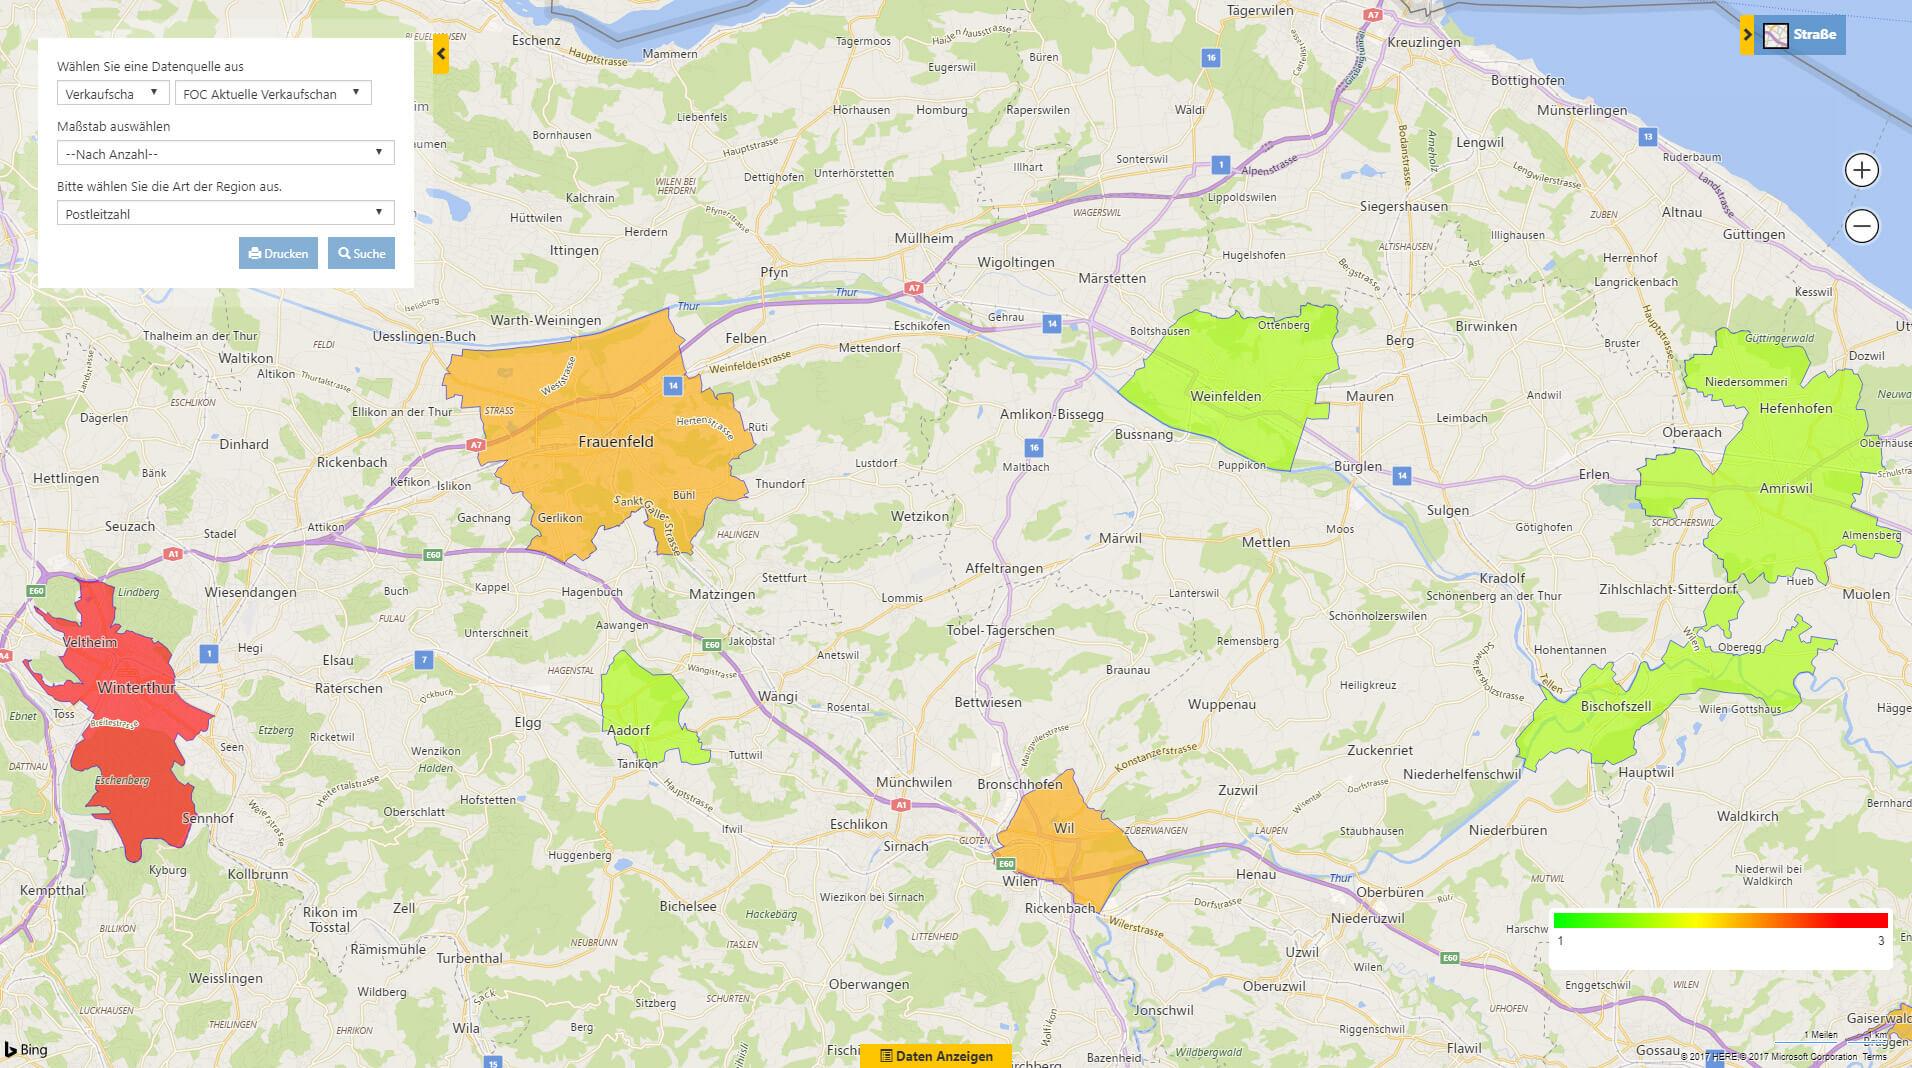 maplytics_geografische-daten-analyse_02